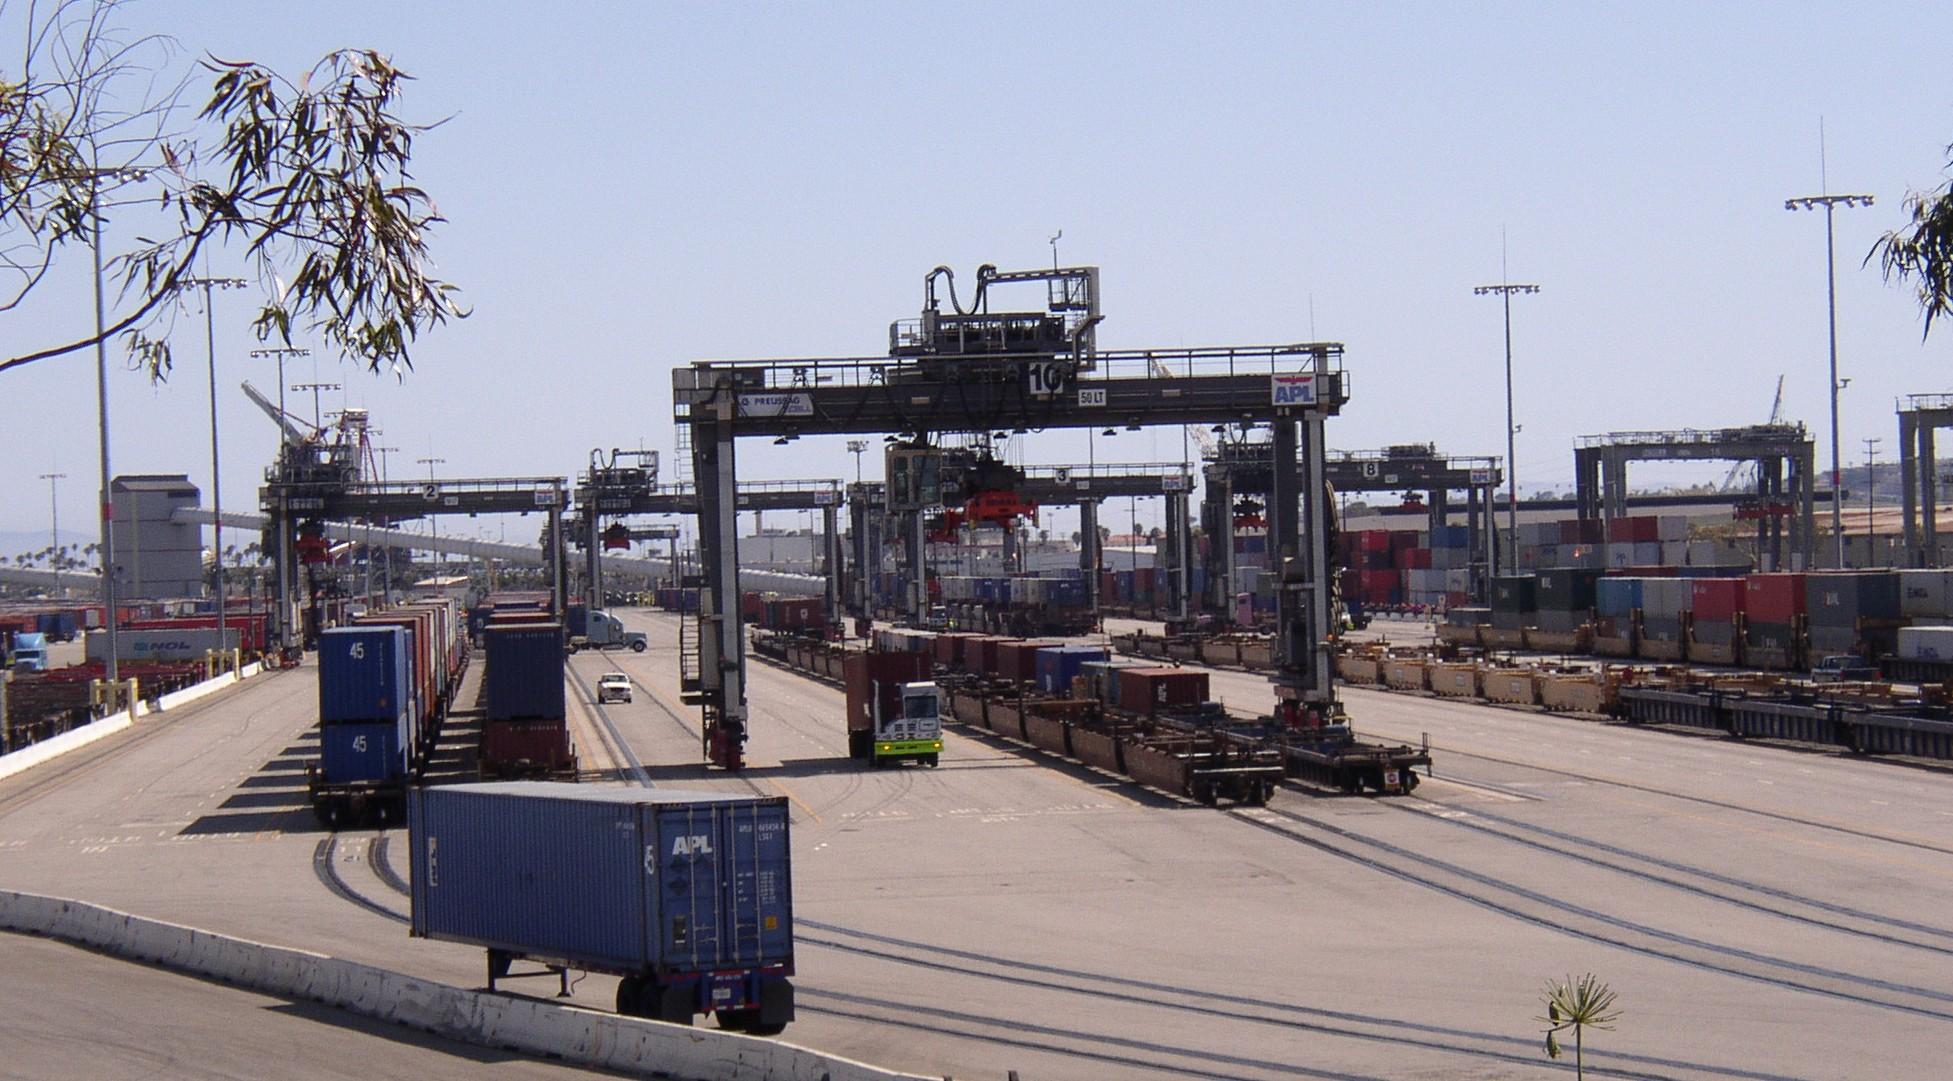 Rail Intermodal Freight 1953 x 1081